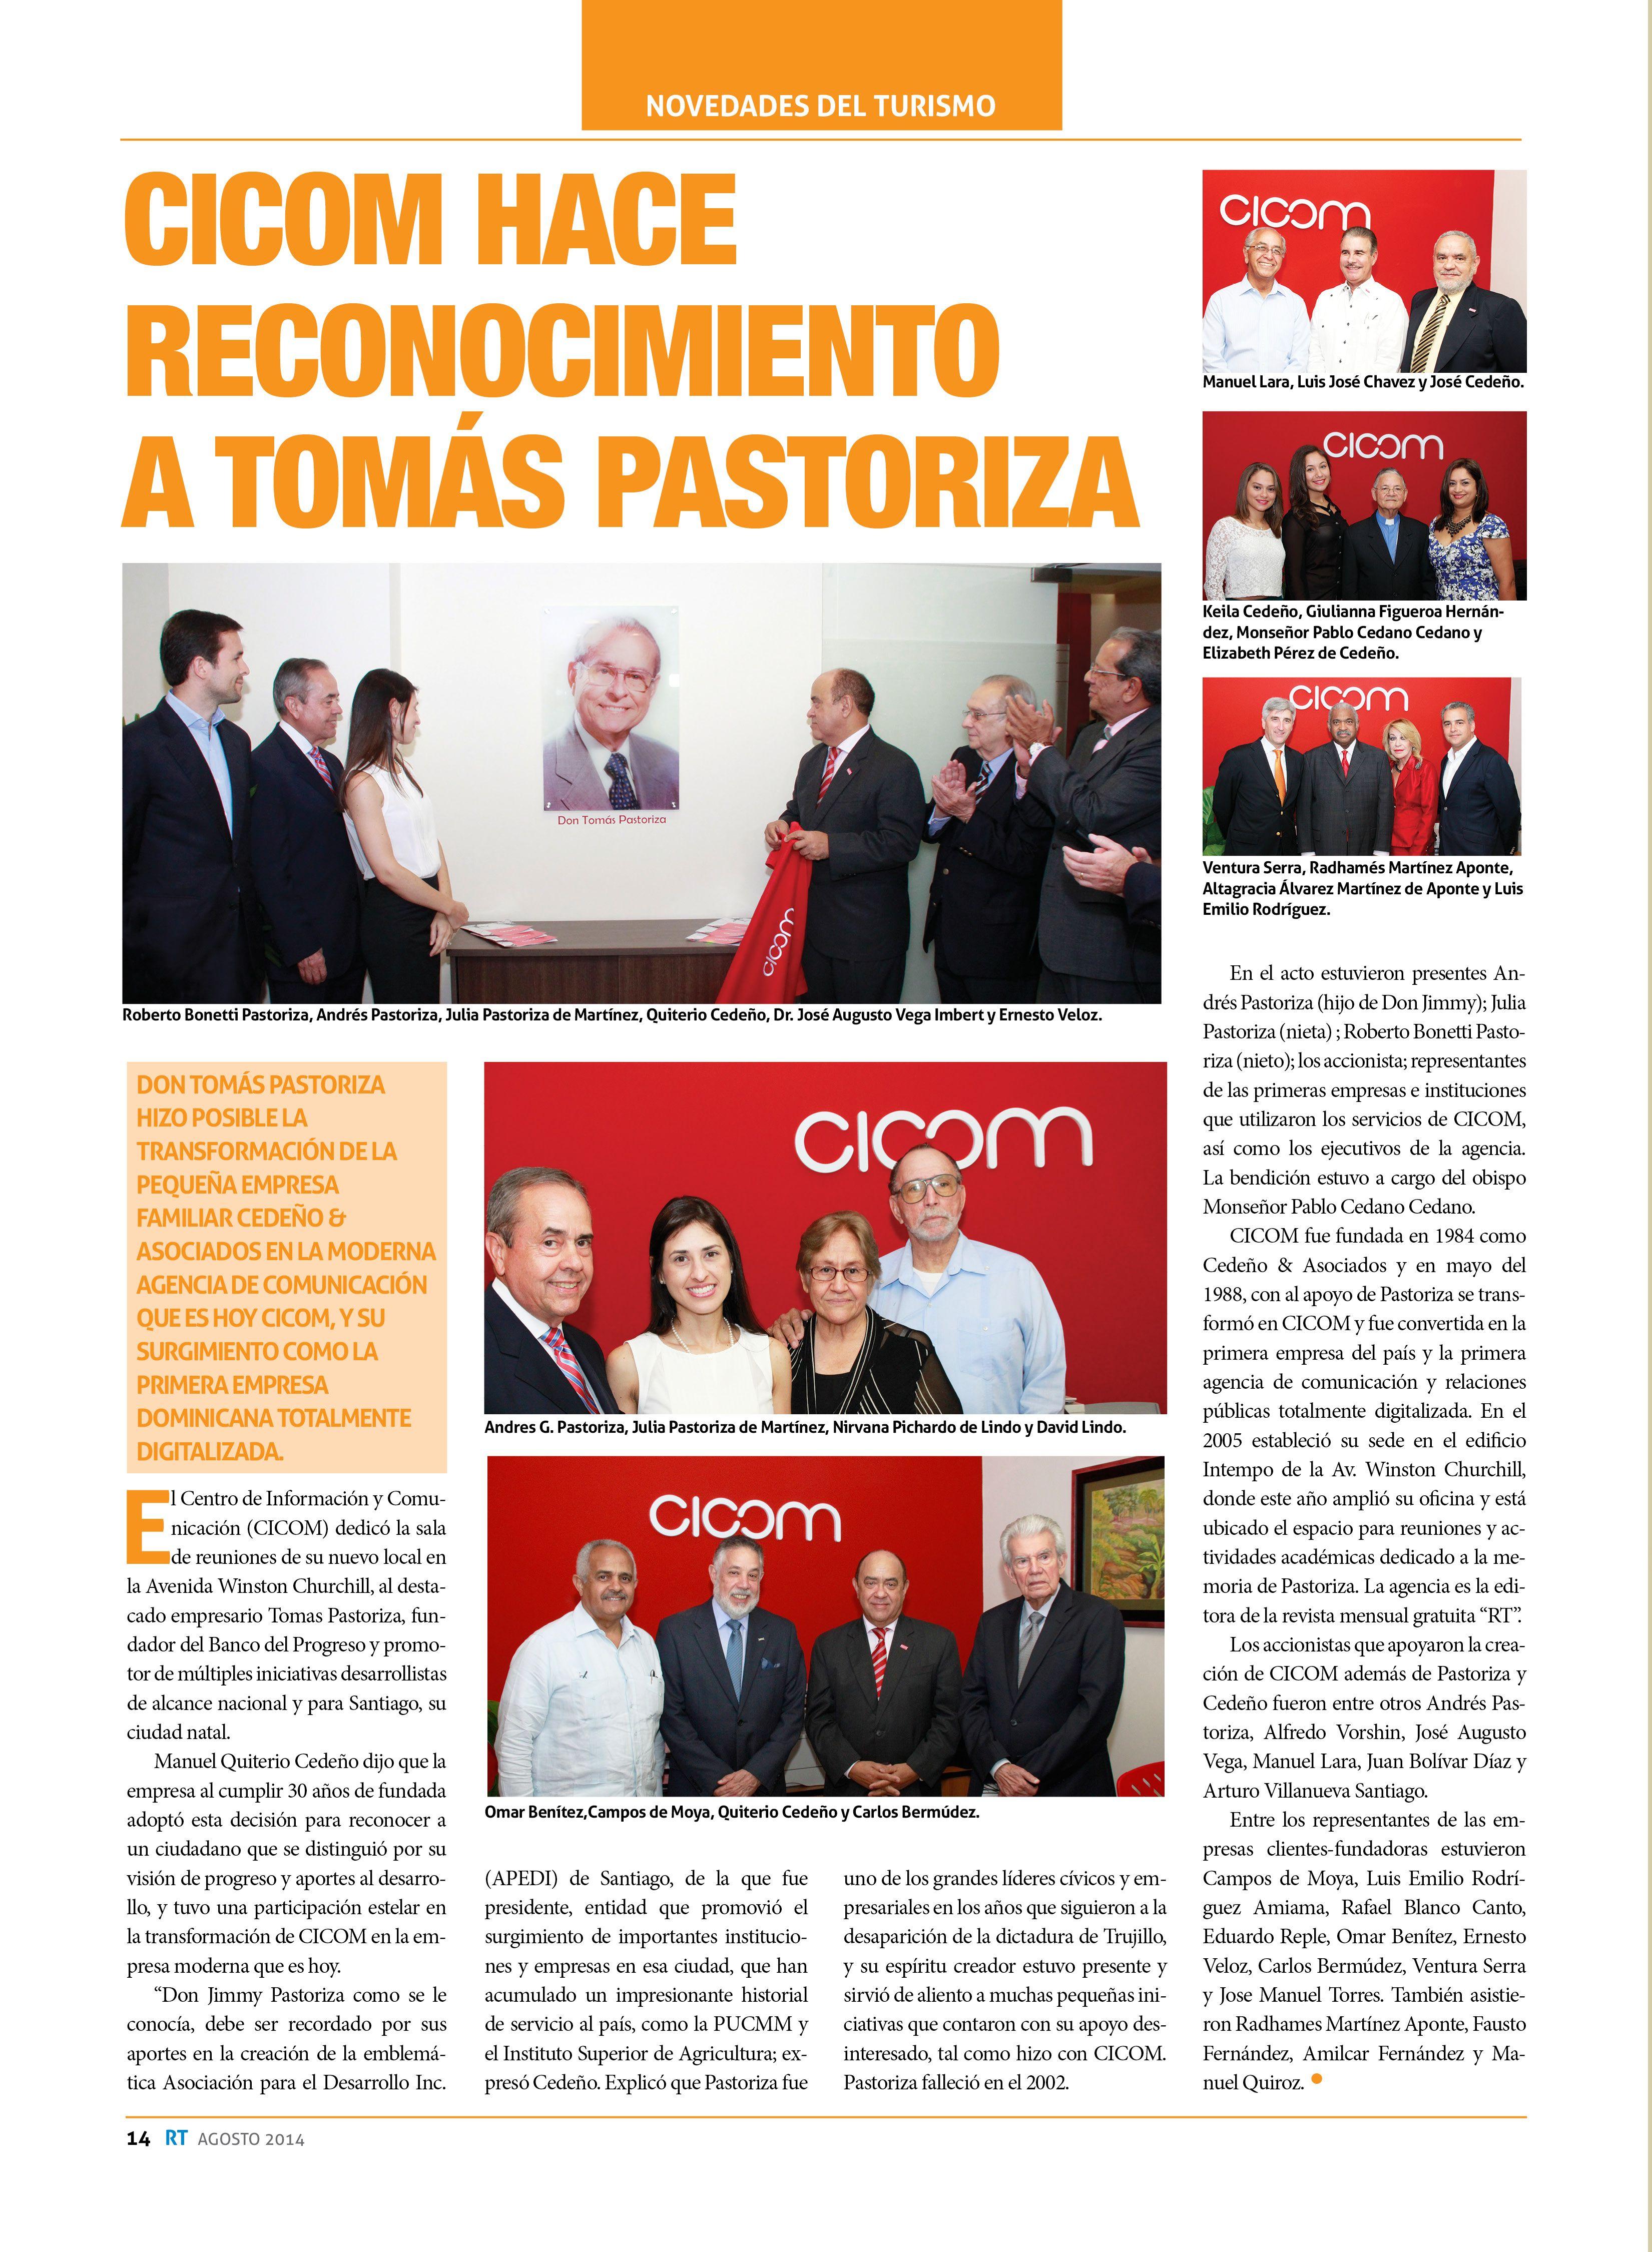 CICOM hace reconocimiento a Tomás Pastoriza